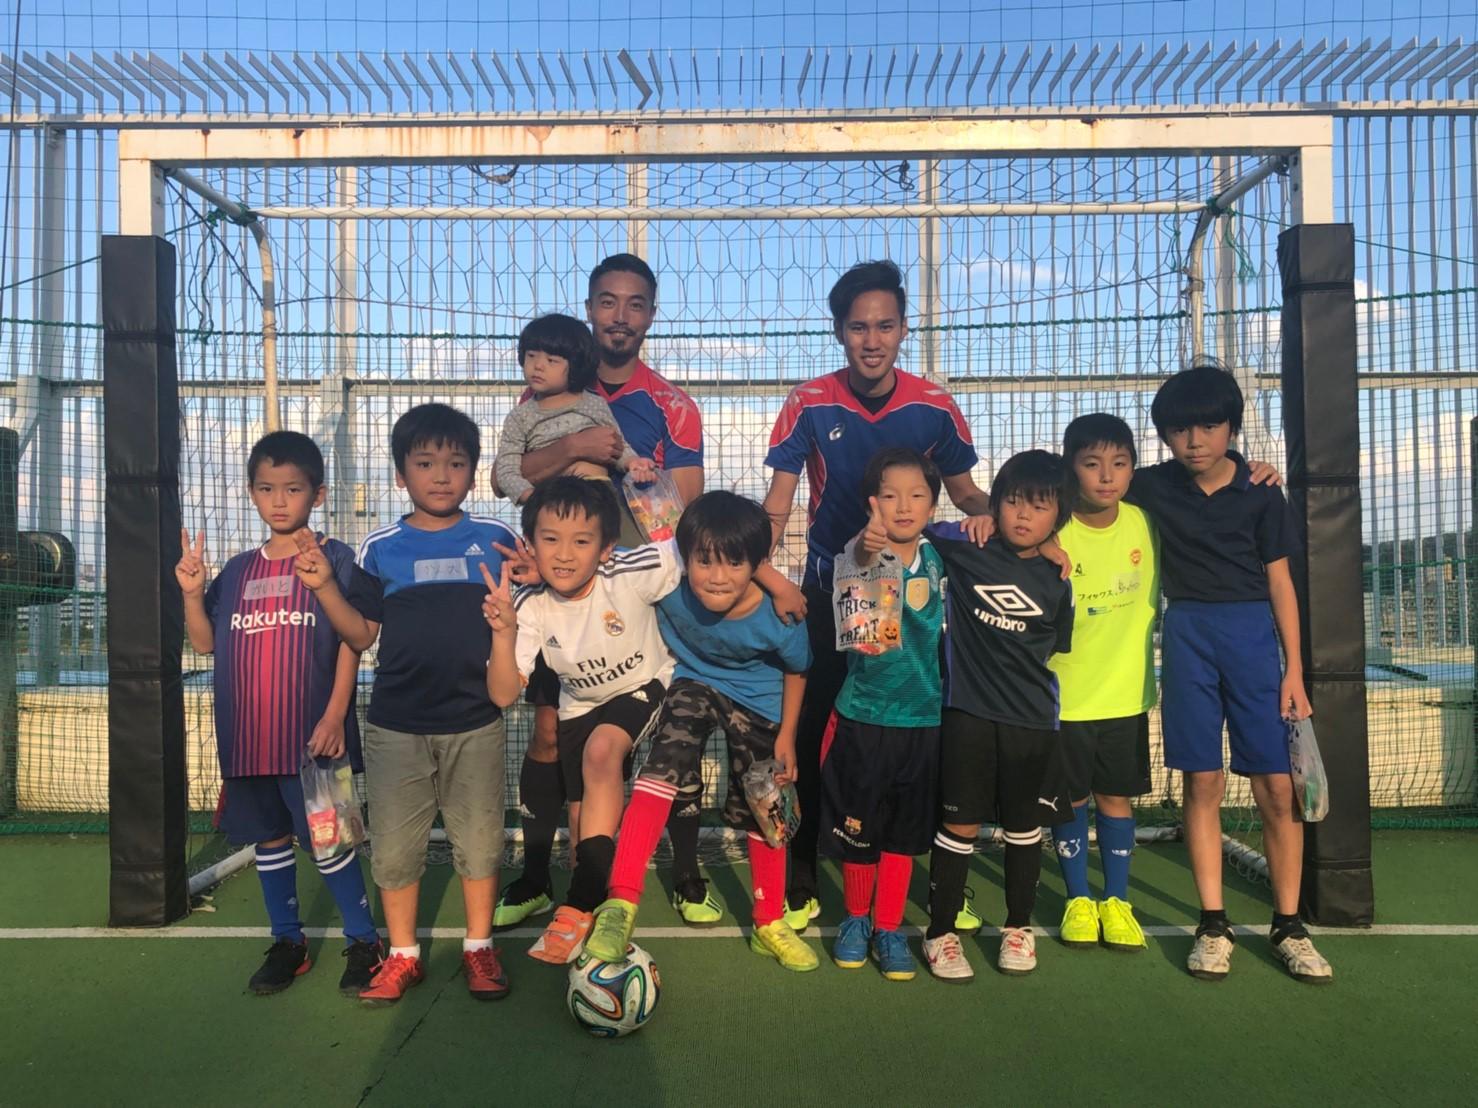 ホームテック(株)主催 北海道復興支援チャリティーサッカー教室 in聖蹟桜ヶ丘